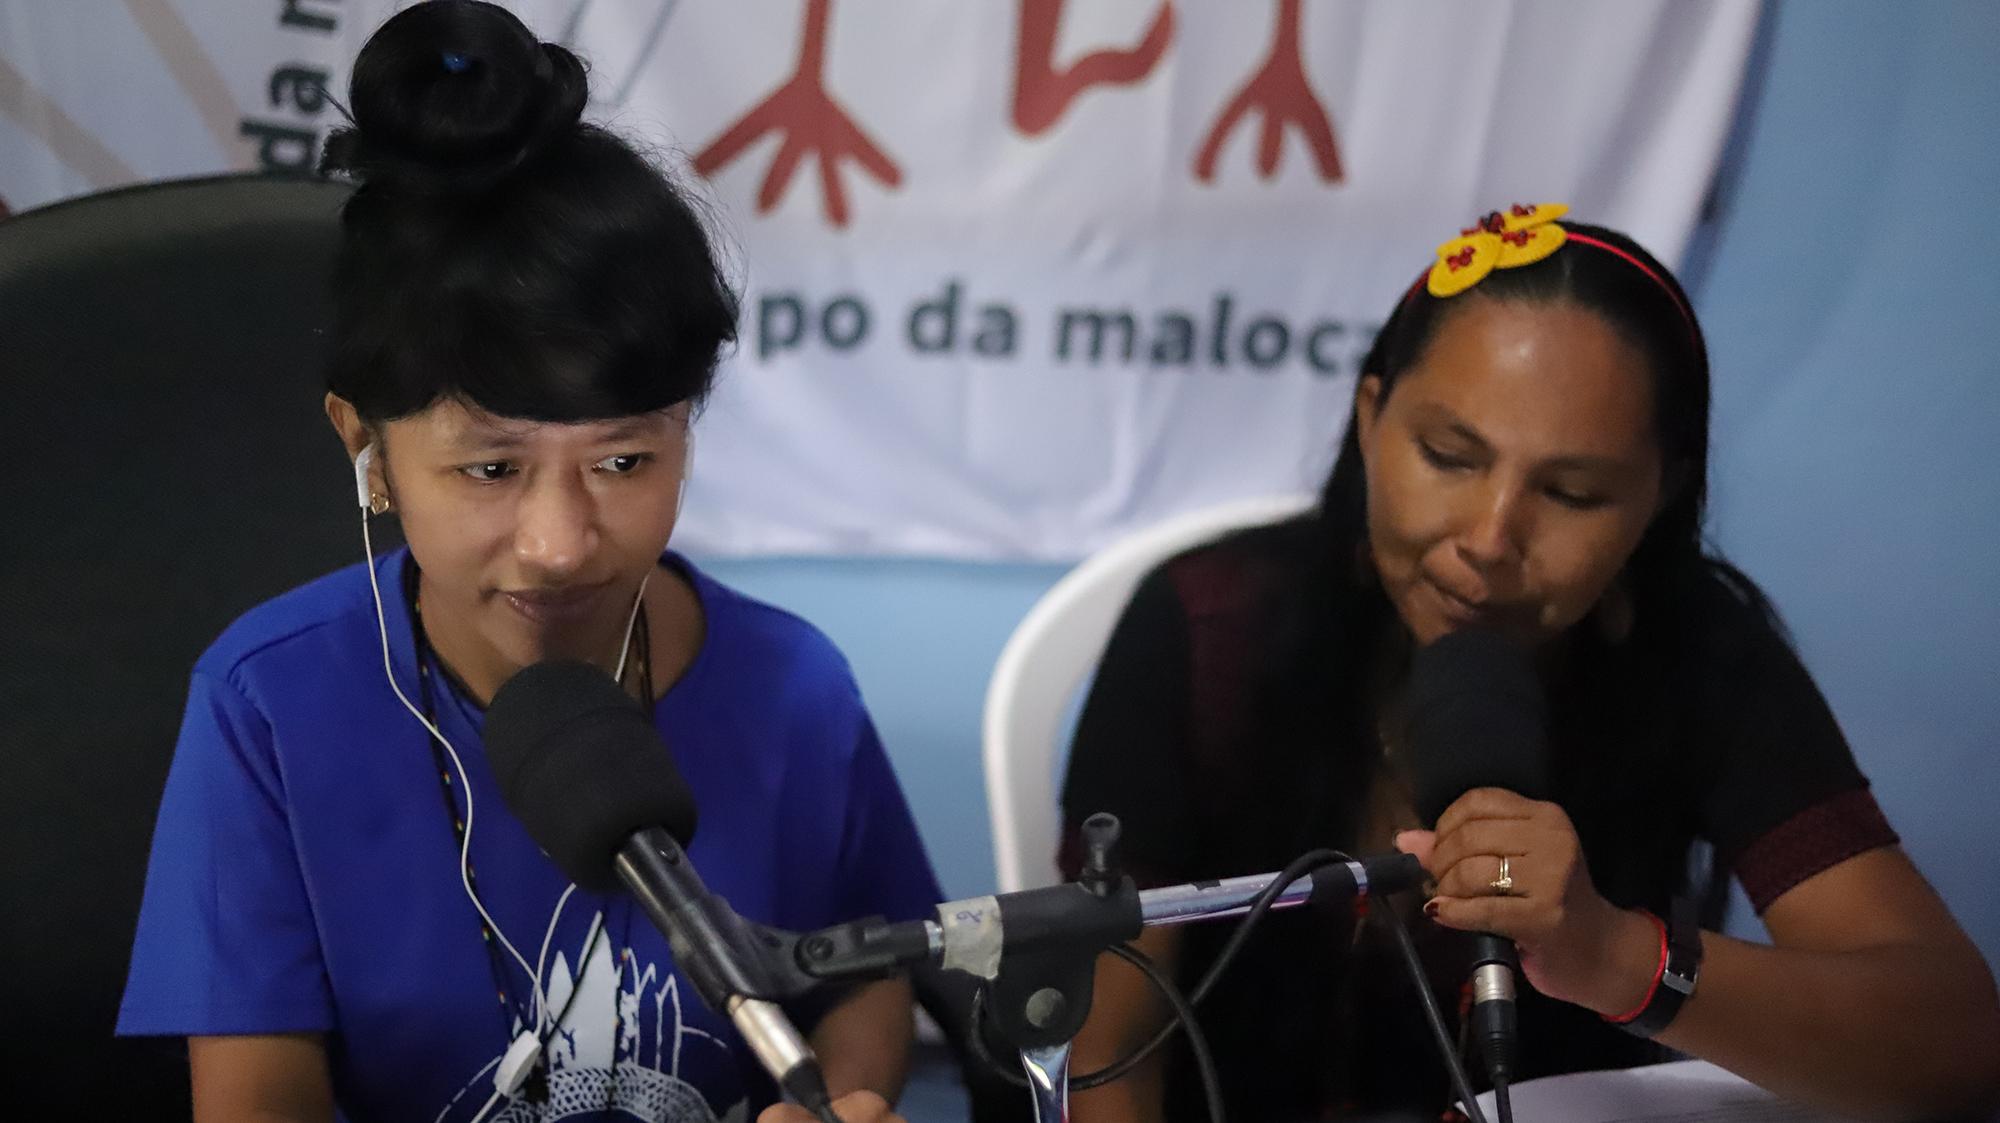 Cláudia Ferraz Wanano comanda junto com Elizângela Baré o programa Papo da Maloca, na FM O Dia de São Gabriel da Cachoeira